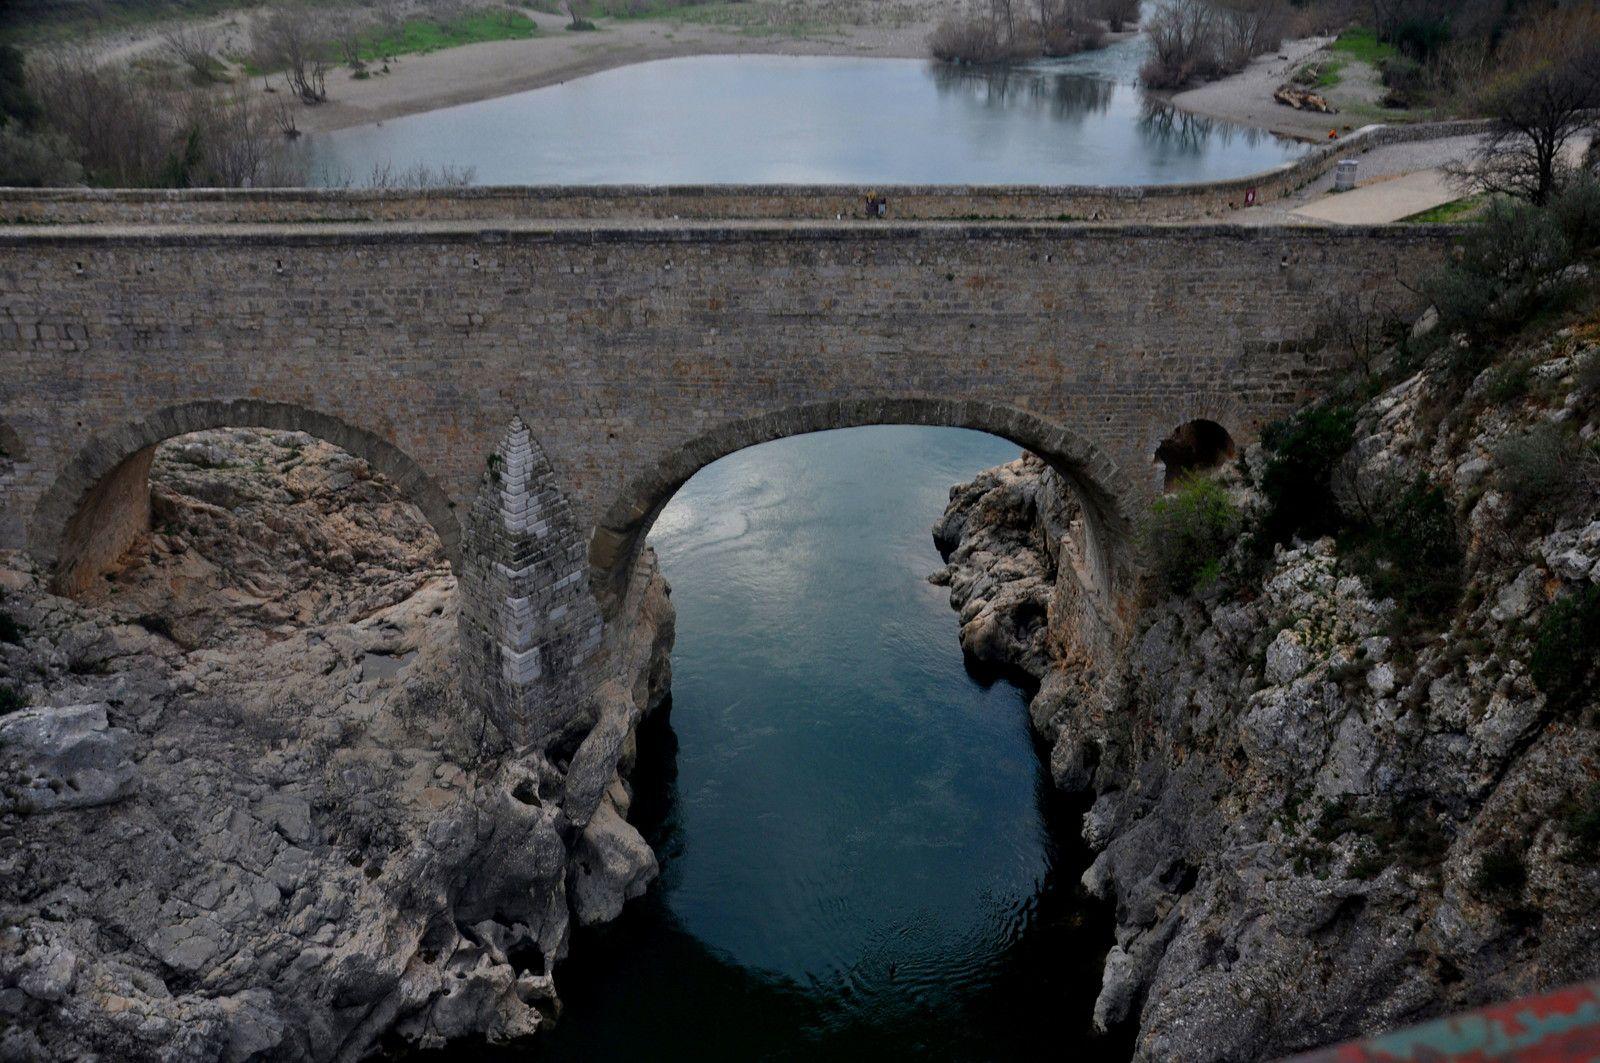 Sur le pont de la route sur le pont du diable.